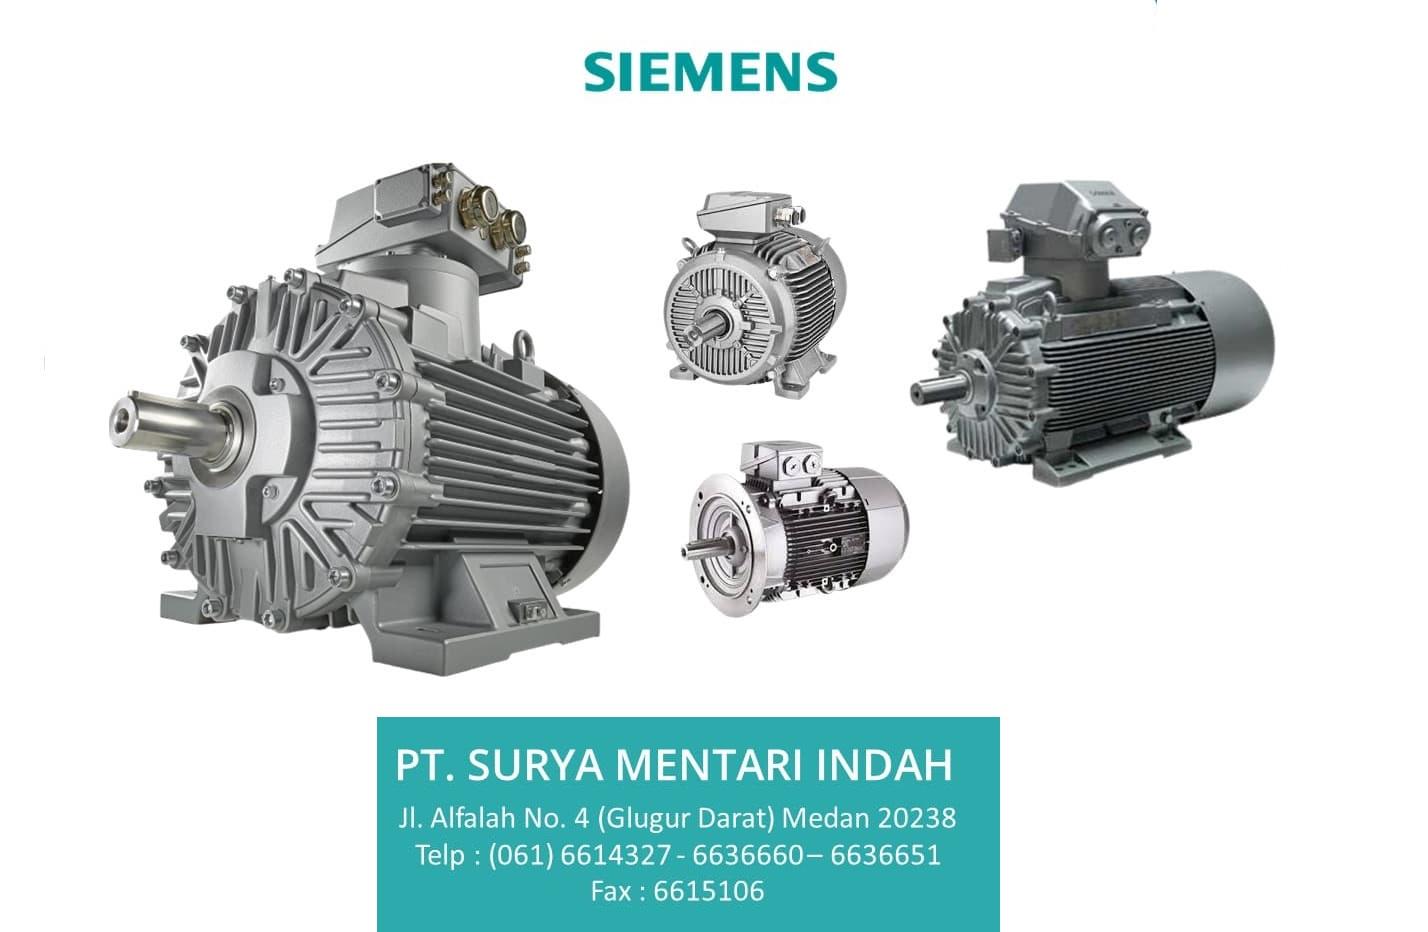 Jual Siemens Mechanical Drive di Medan